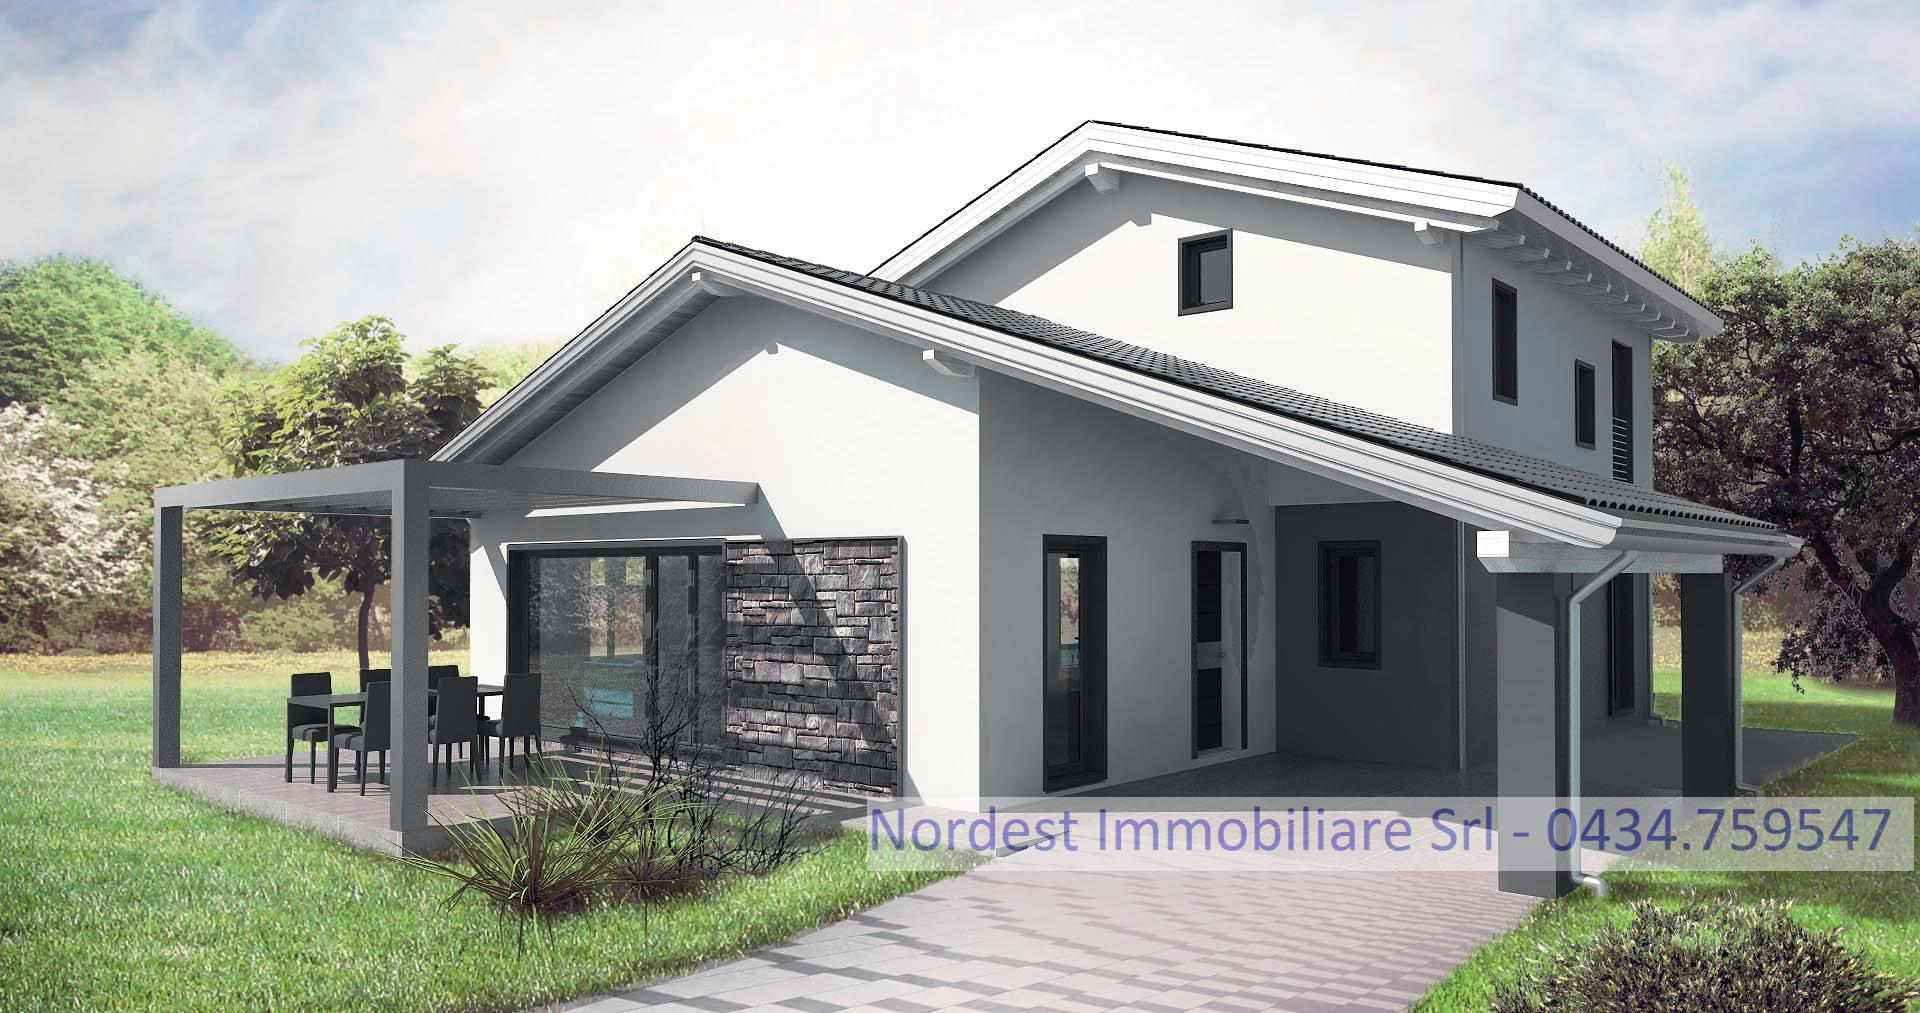 Soluzione Indipendente in vendita a Calalzo di Cadore, 6 locali, prezzo € 160.000 | CambioCasa.it